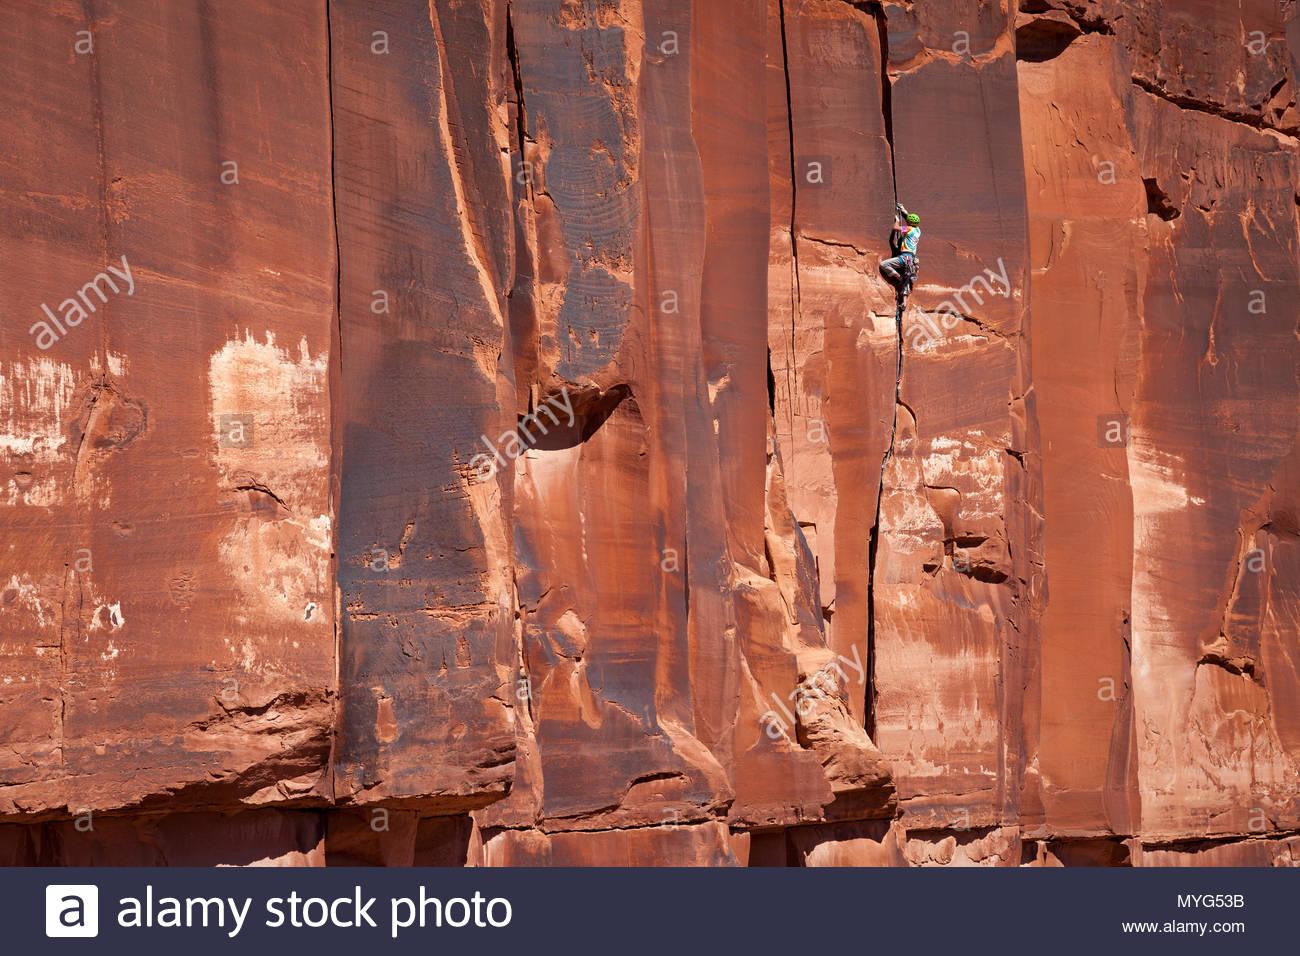 Un macho de escalador en coloridos trajes sube una grieta subir conocida como Chasin falda de mediodía. Imagen De Stock